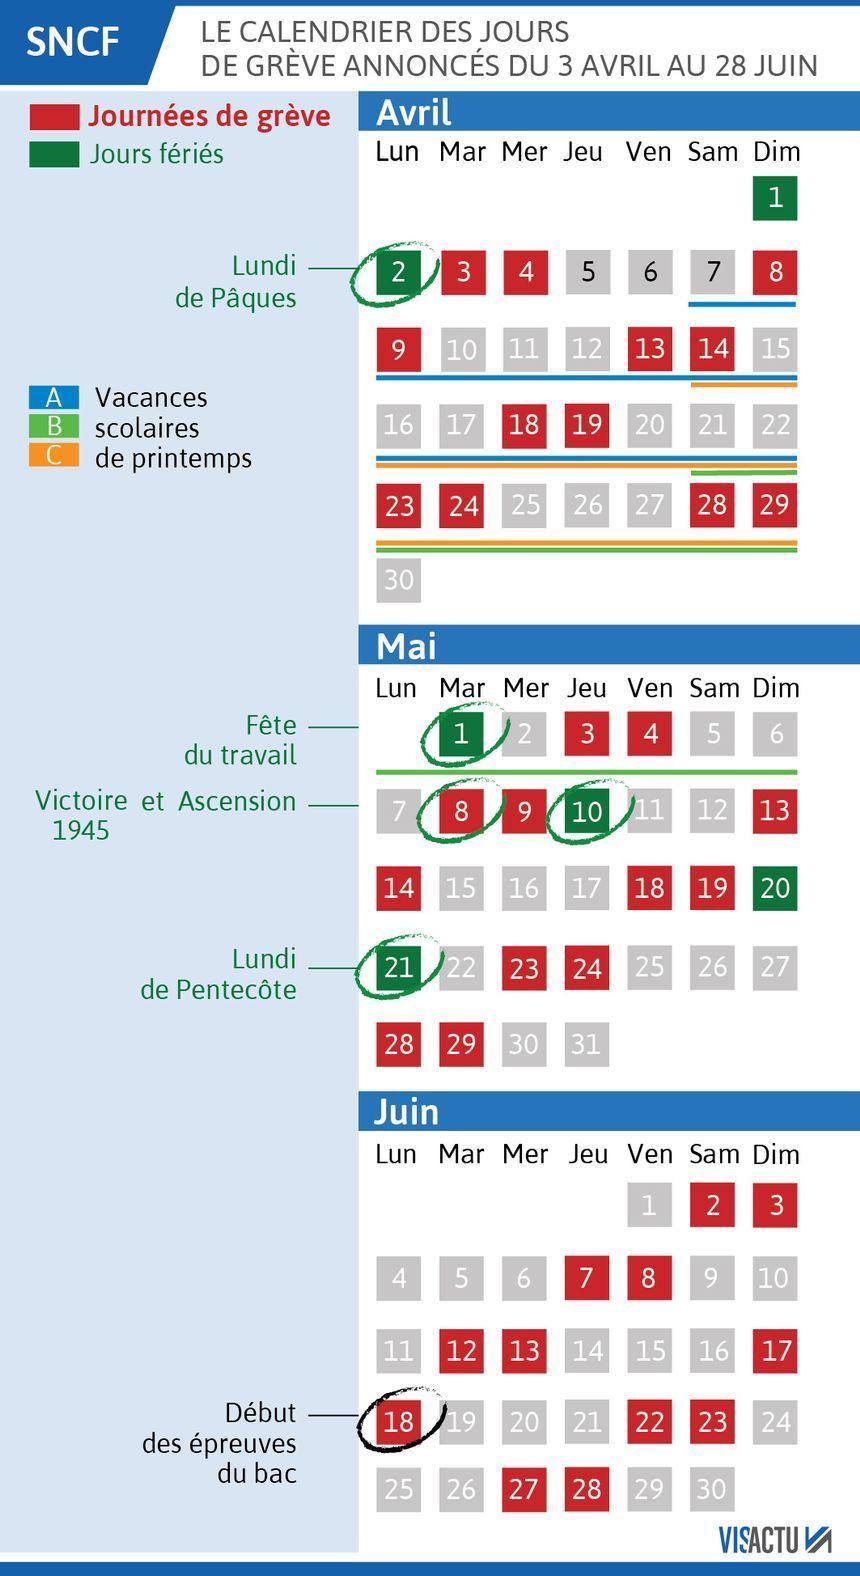 Calendrier Greve 2020.Greve Sncf A Nancy Les Cheminots Tractent Pour Convaincre